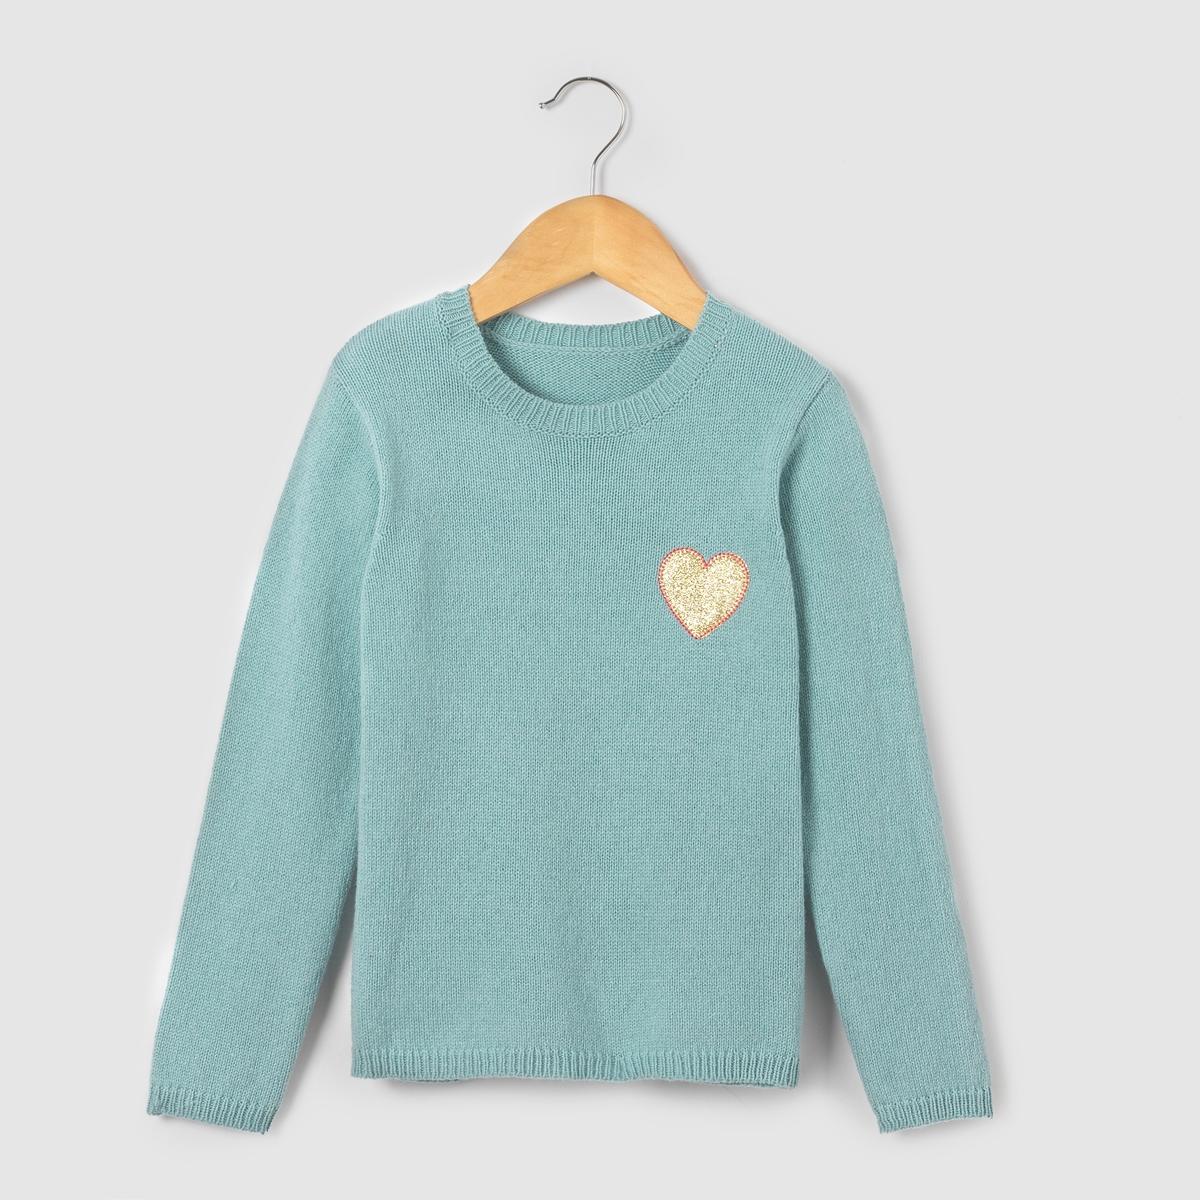 Фото Пуловер теплый с блестящим рисунком сердце,  3-12 лет. Купить с доставкой